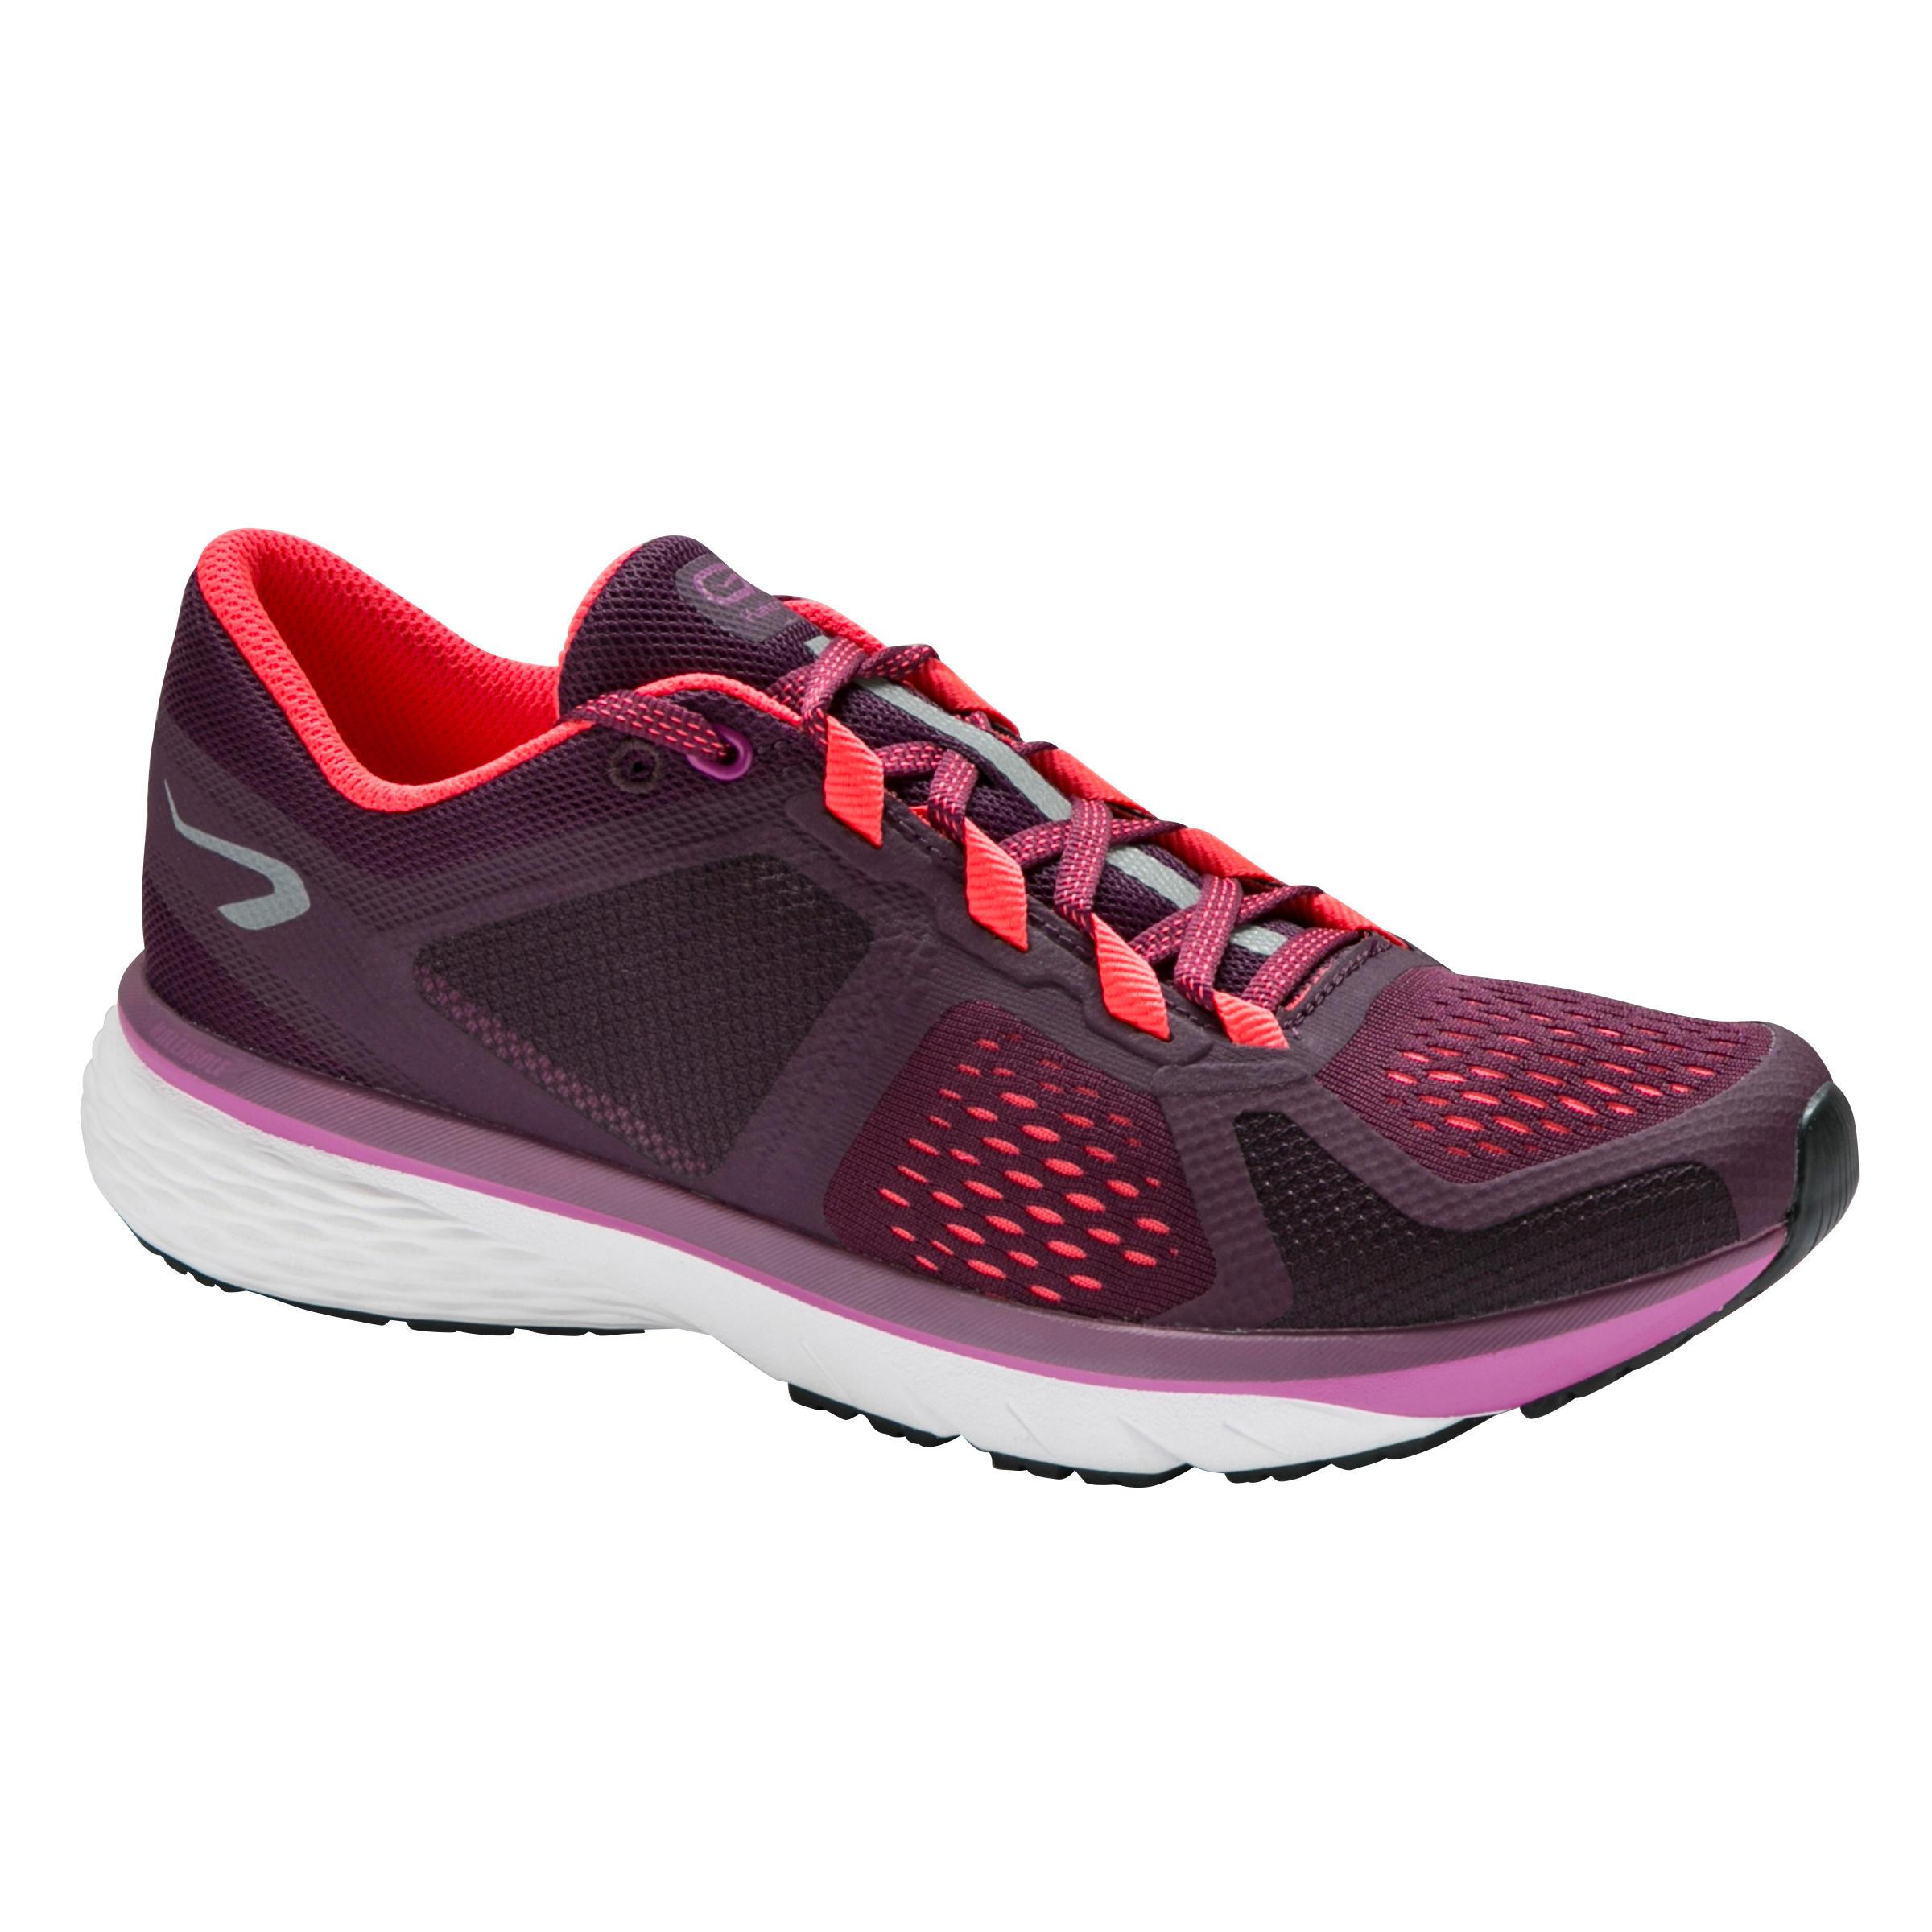 elige lo último Venta caliente genuino discapacidades estructurales Zapatillas Running Mujer | Deportivas Running Mujer | Decathlon